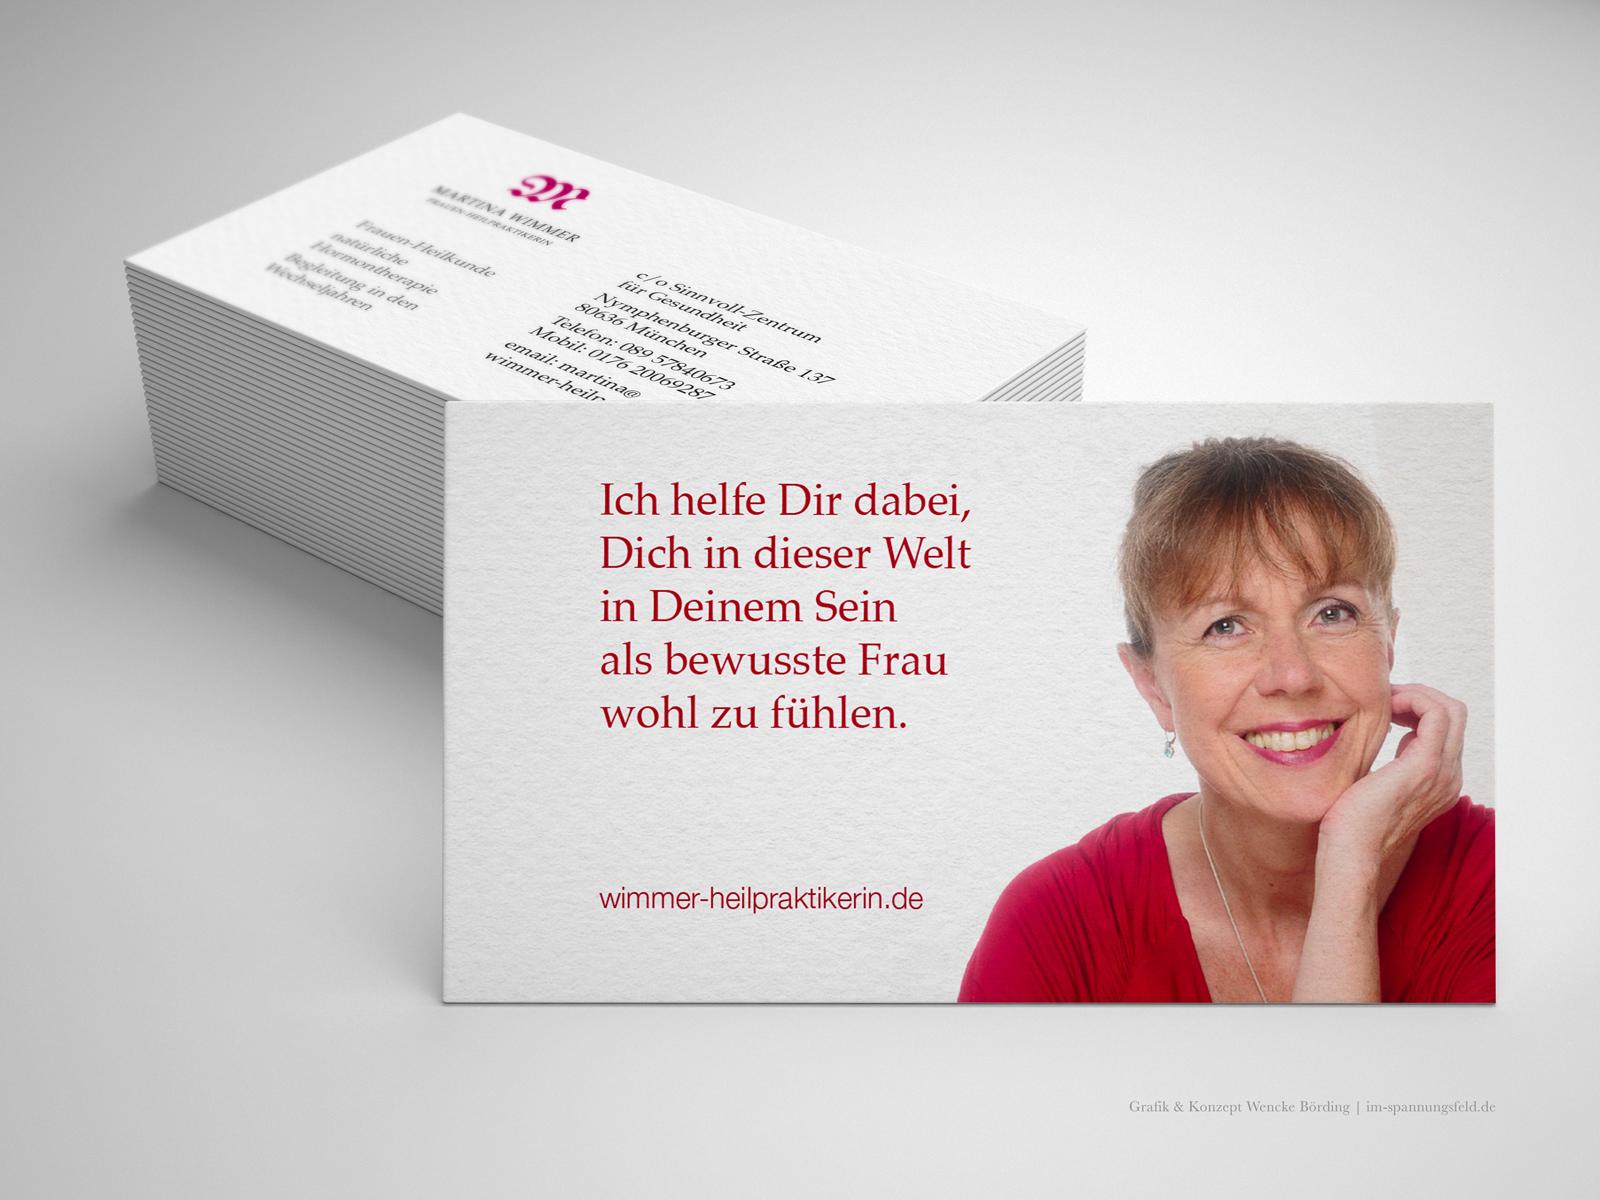 Logo-Entwicklung_Martina-Wimmer_Visitenkarten_Wenckesweg